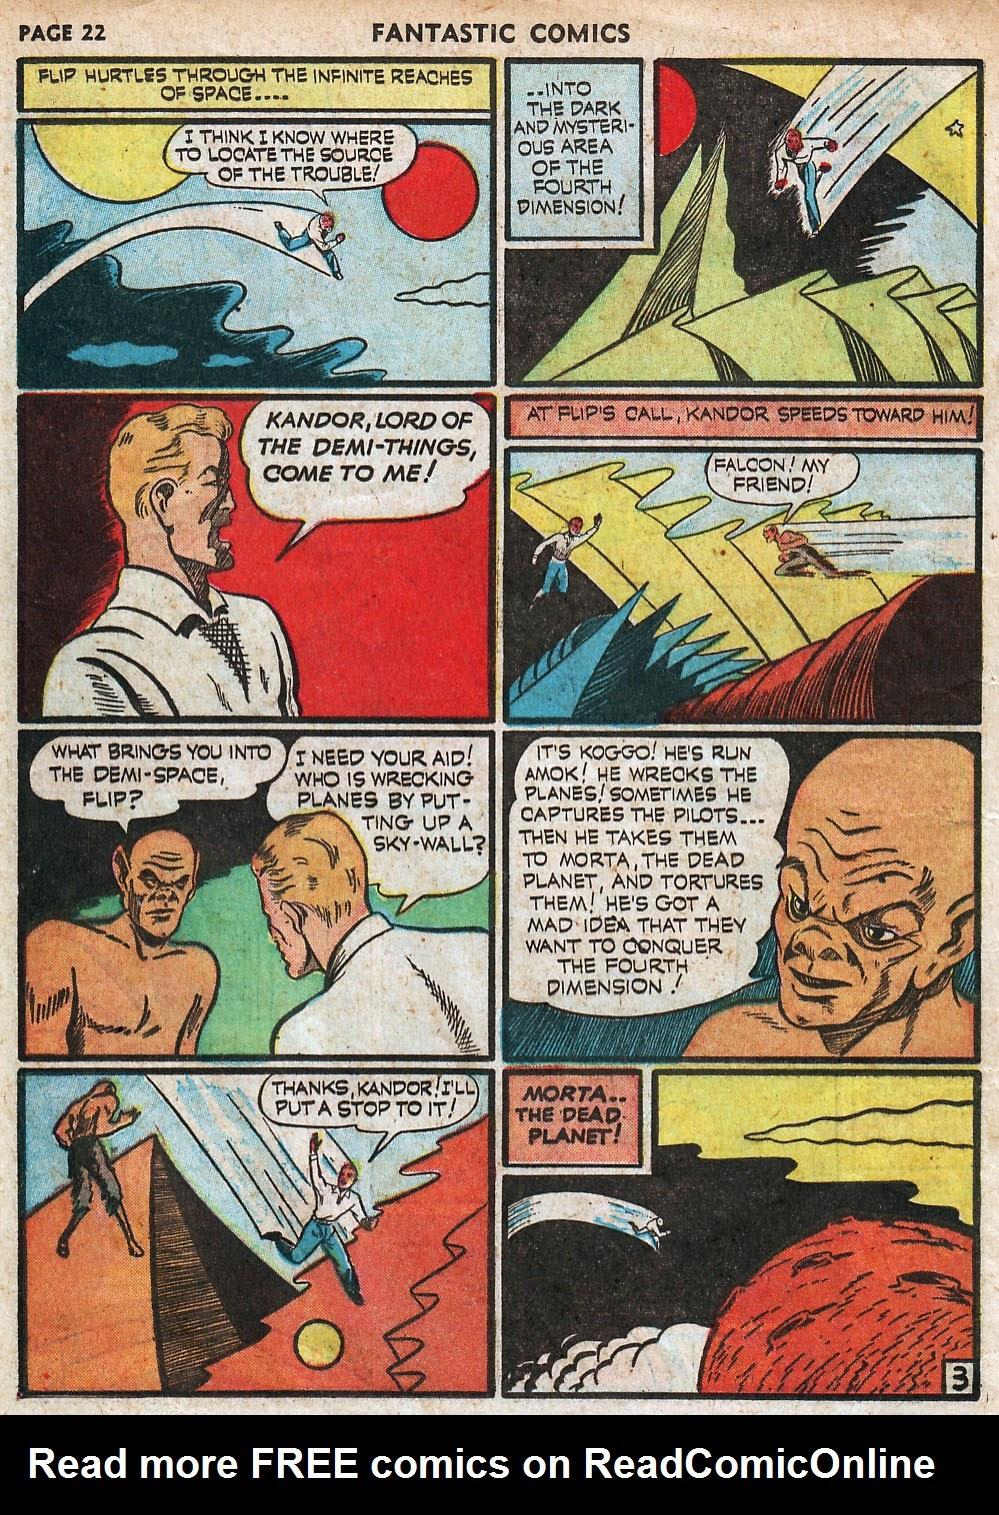 Read online Fantastic Comics comic -  Issue #18 - 24